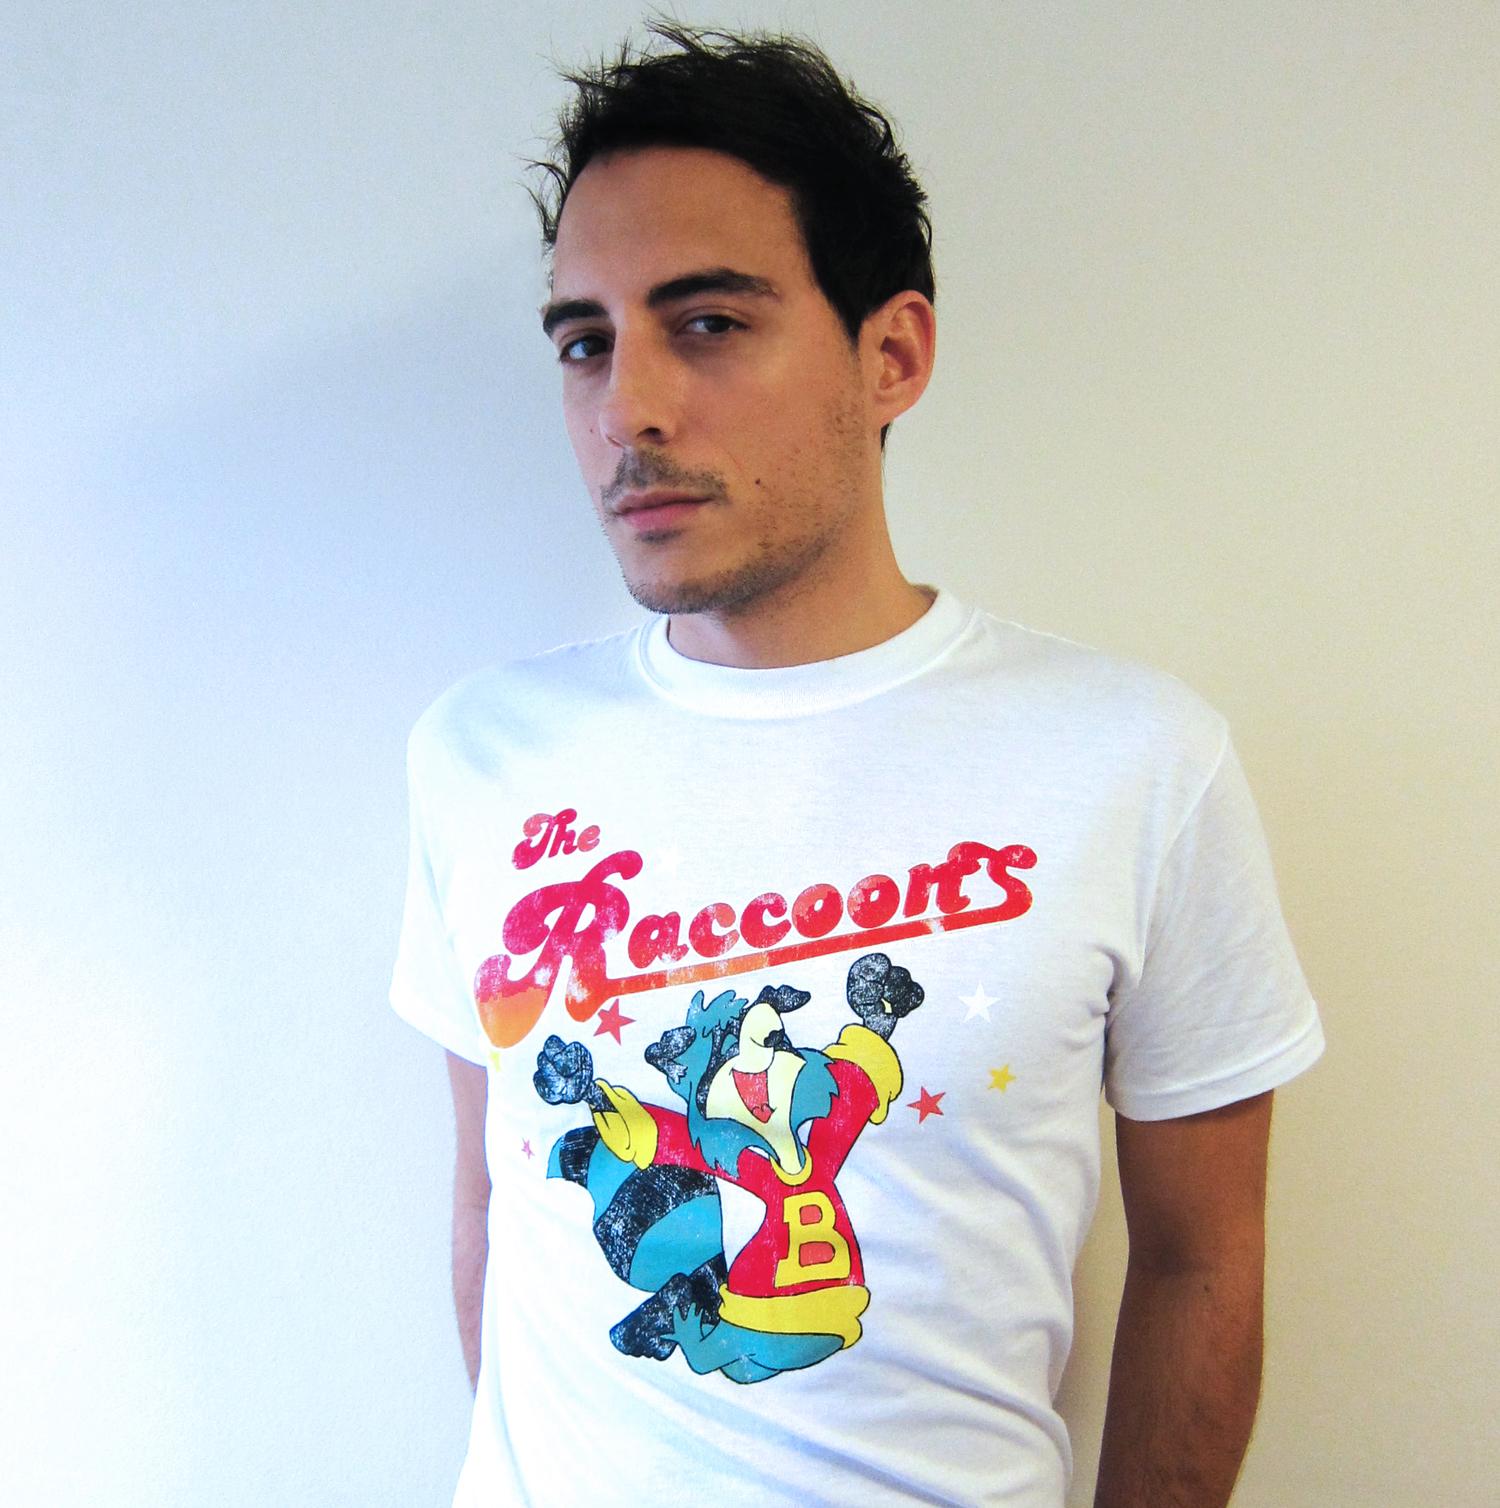 Raccoons+Tshirt+pic+2.jpg